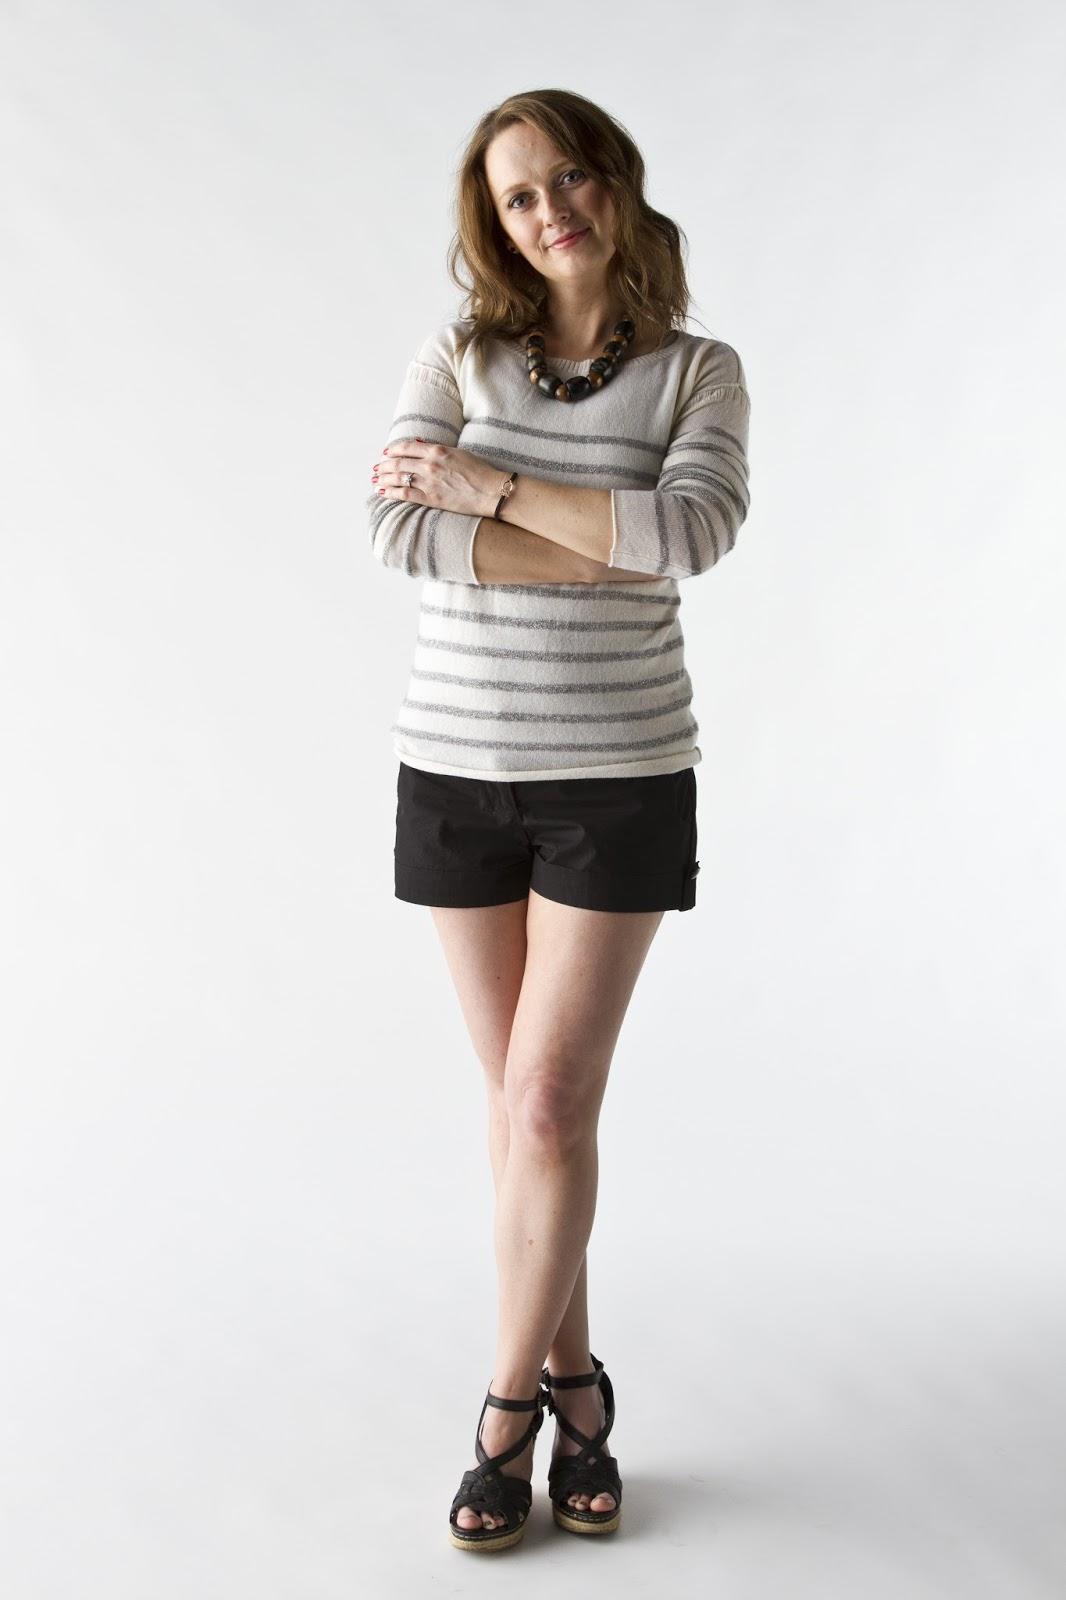 Glitterary Girl Shorty Short Shorts-7515